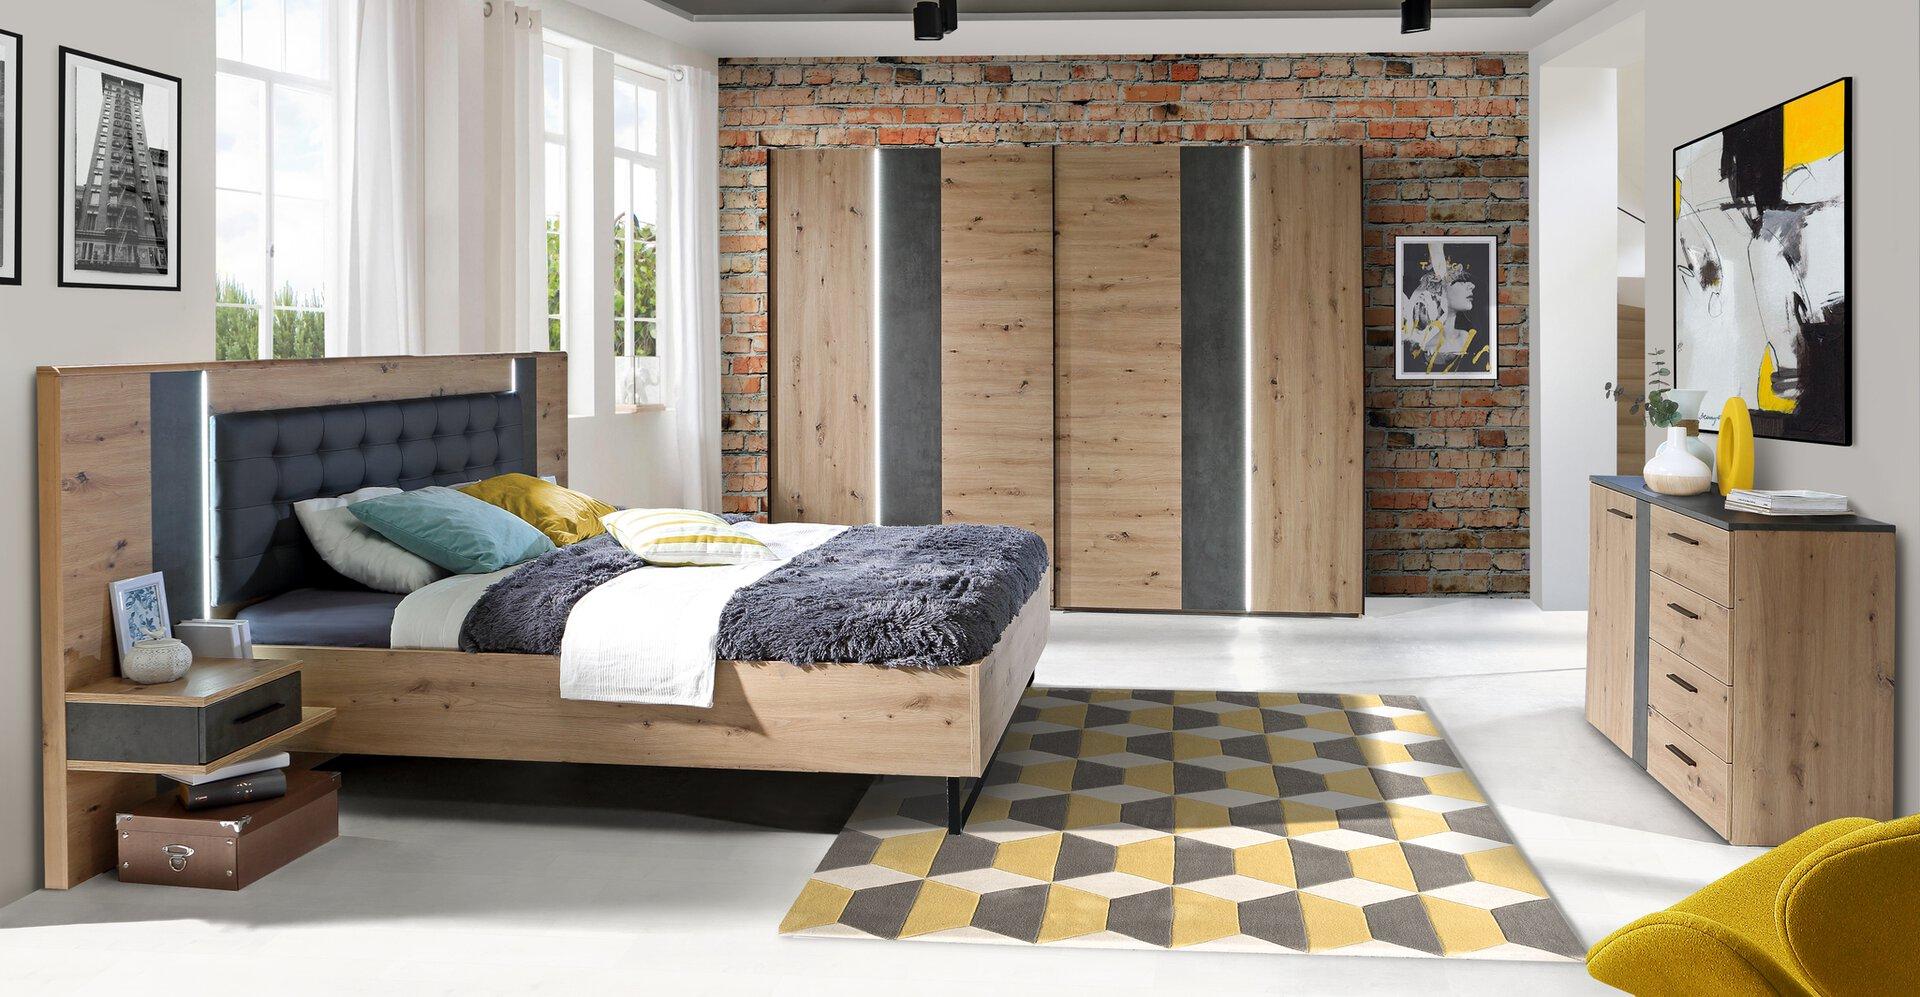 Bettanlage FOSSANO LIV'IN Holzwerkstoff braun 210 x 120 x 297 cm